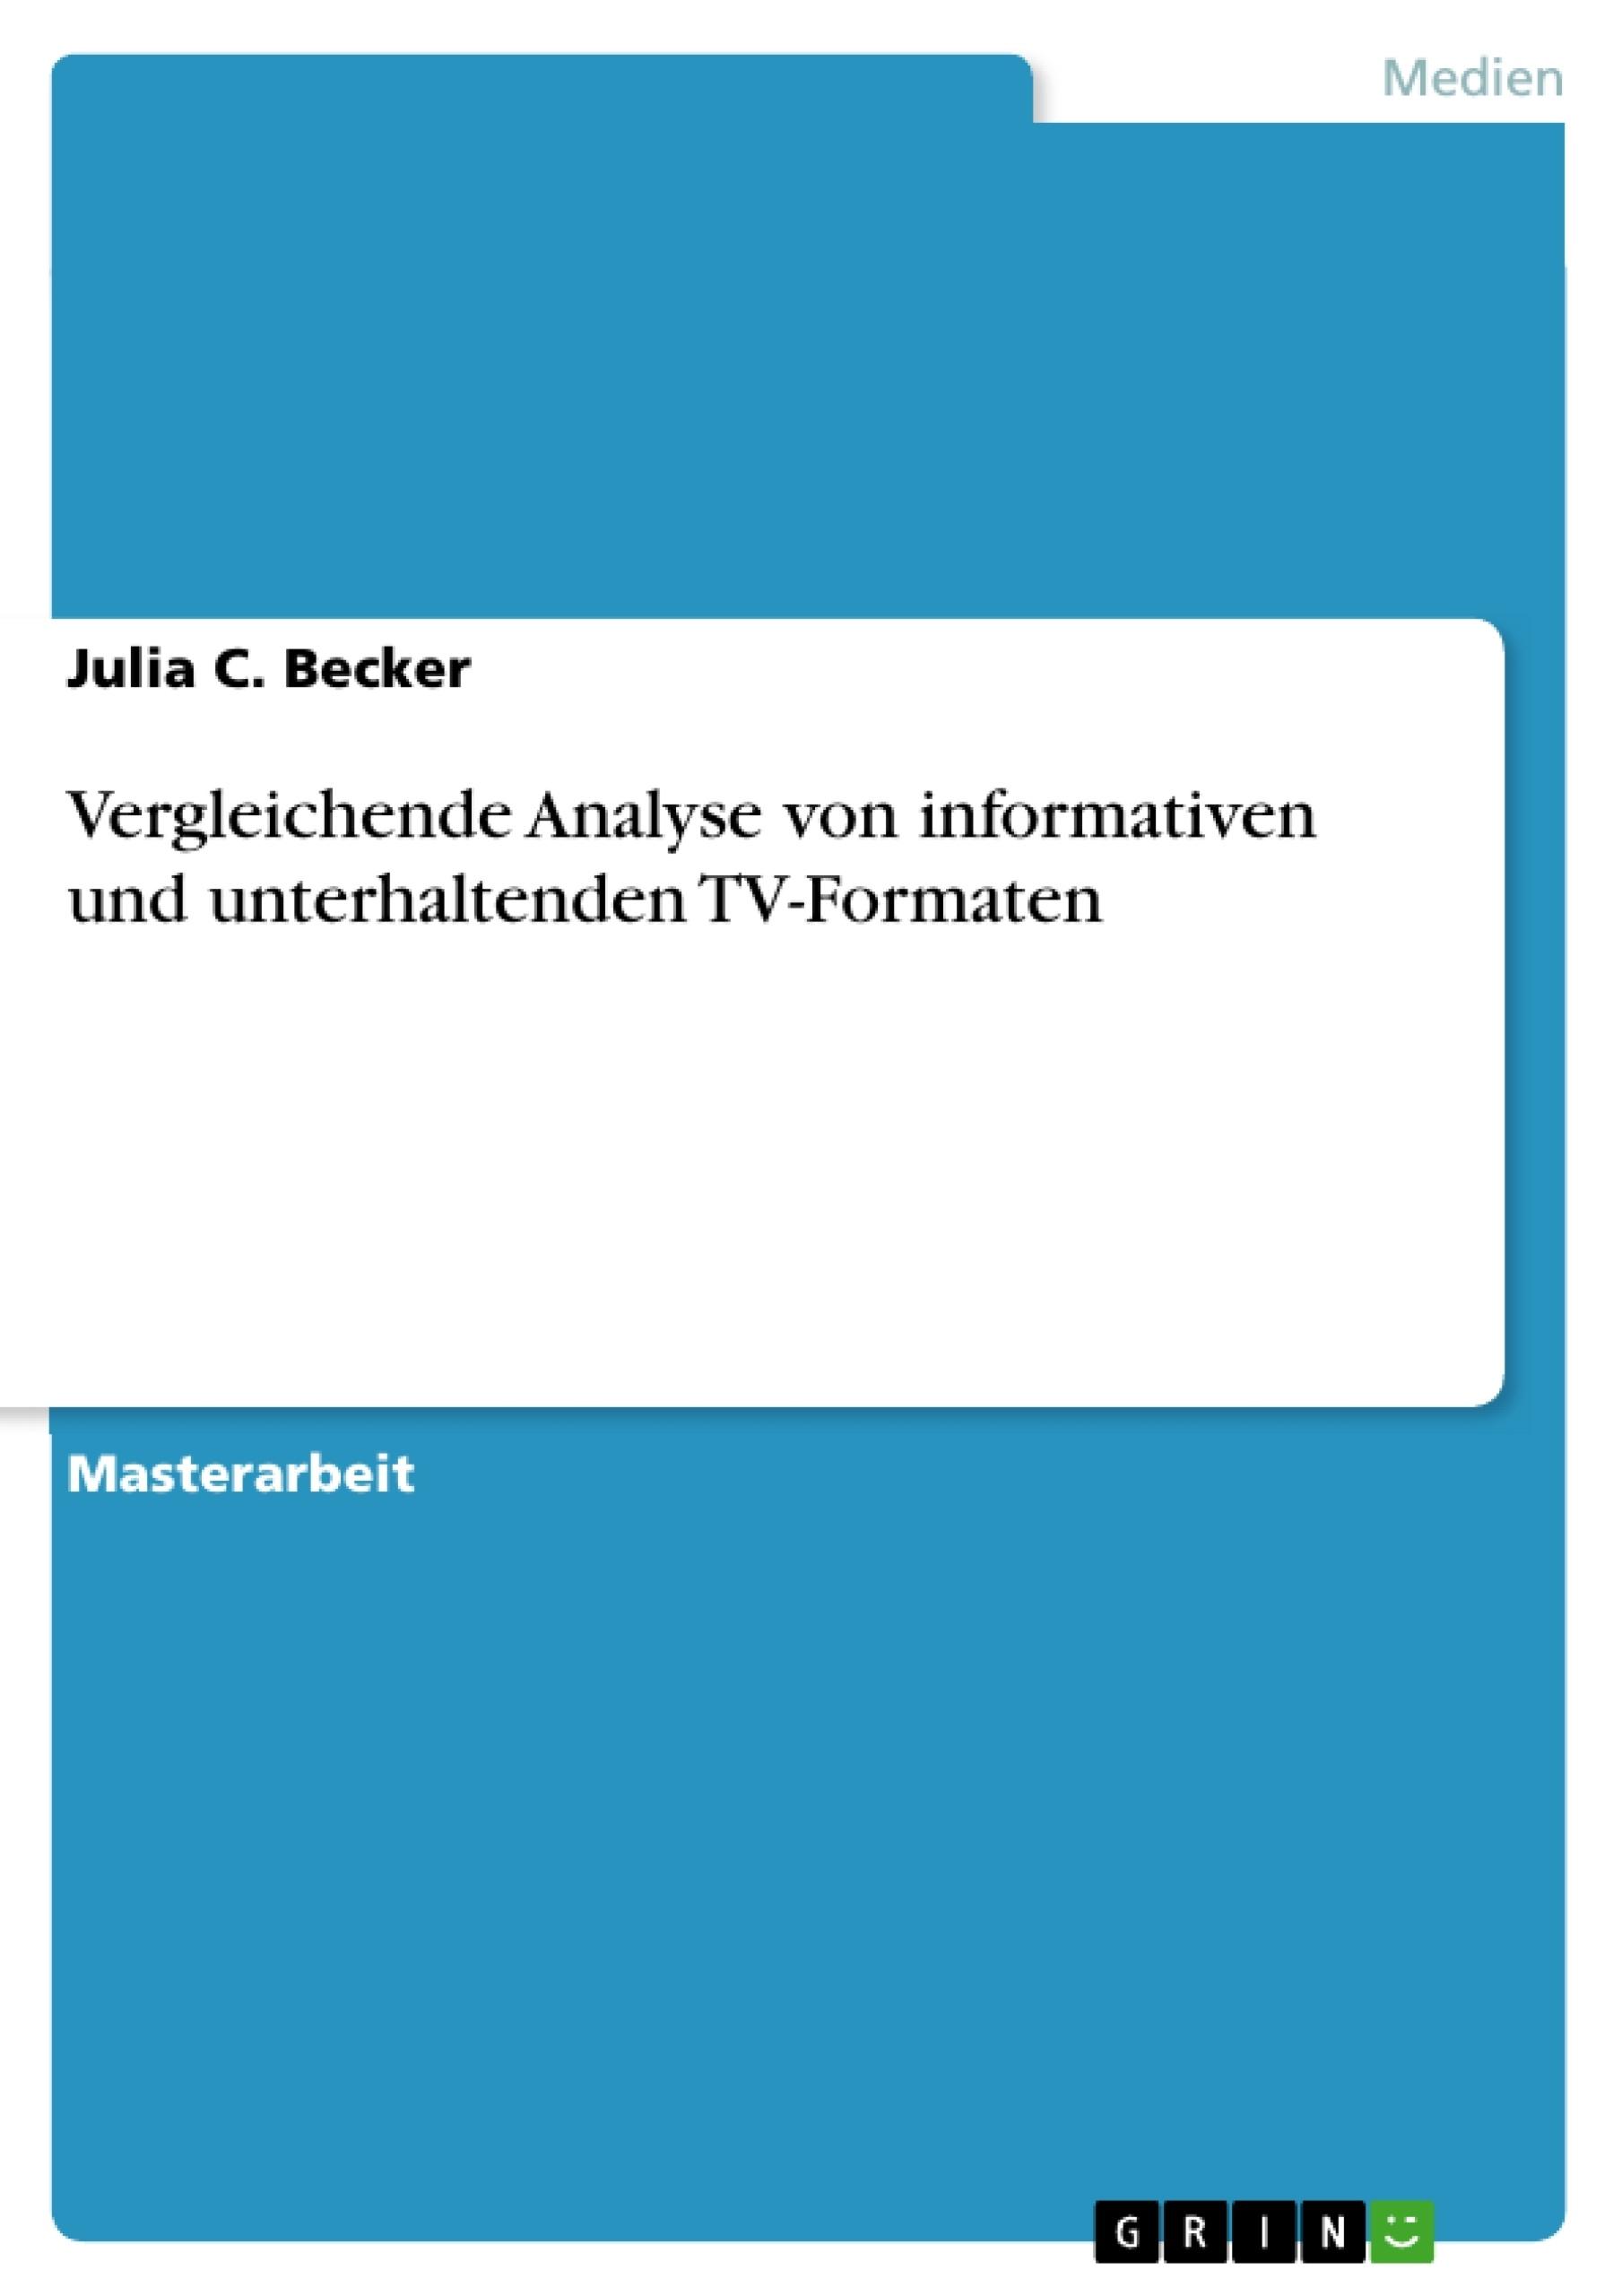 Titel: Vergleichende Analyse von informativen und unterhaltenden TV-Formaten